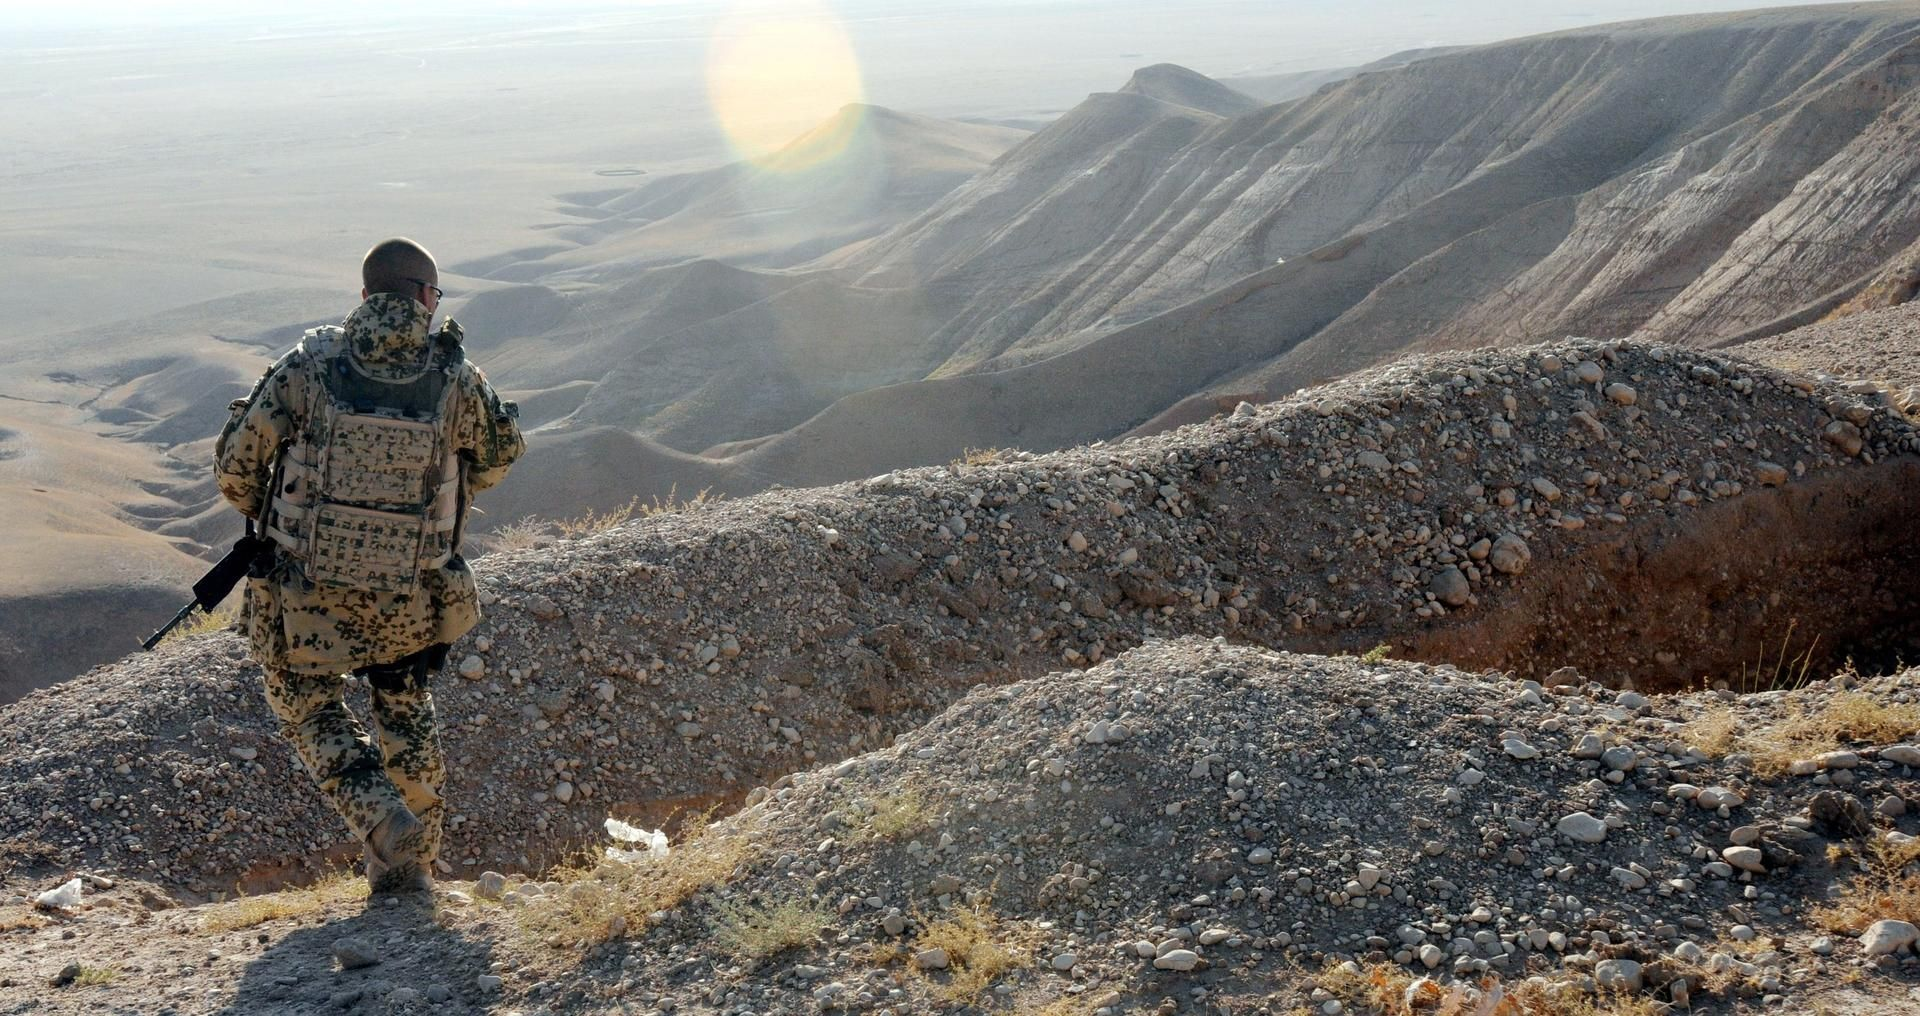 Killzone Shadow Fall Wallpaper Iphone Afghanistan Eine Friedenstruppe Die Chaos Brachte